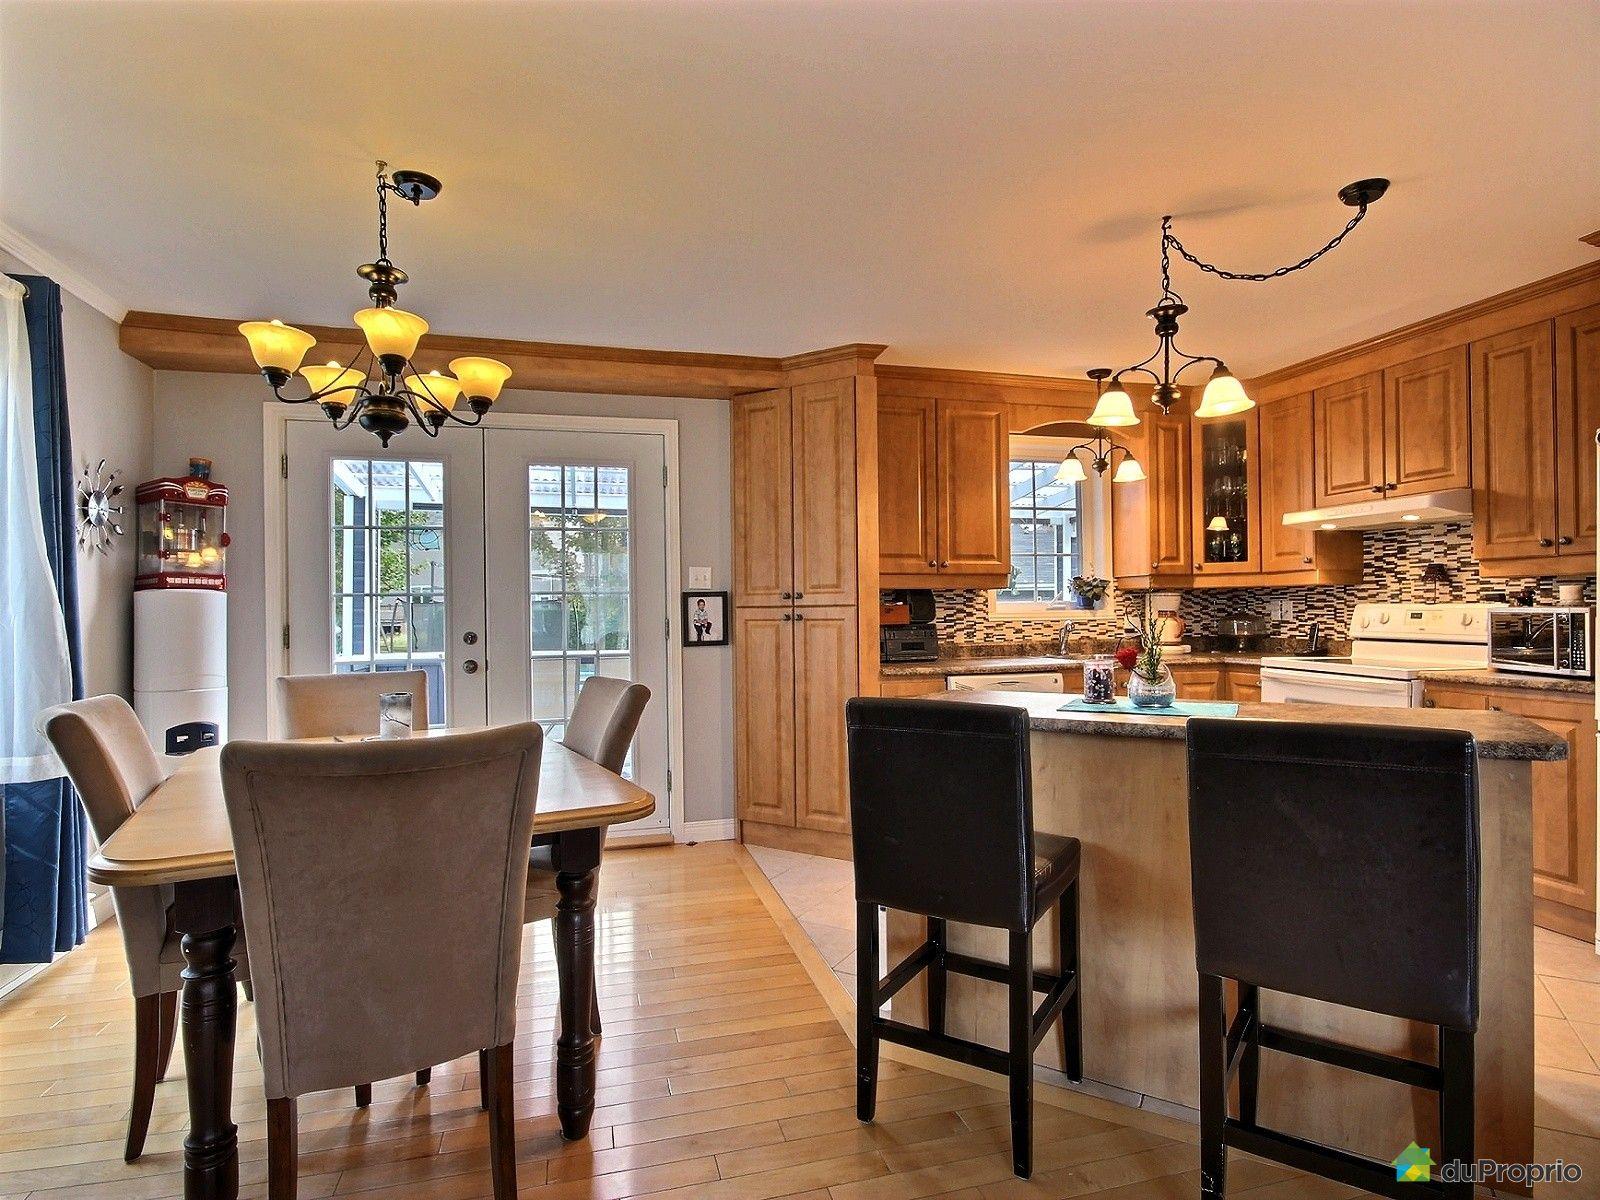 maison vendre st tienne de lauzon 91 rue de touraine immobilier qu bec duproprio 151504. Black Bedroom Furniture Sets. Home Design Ideas